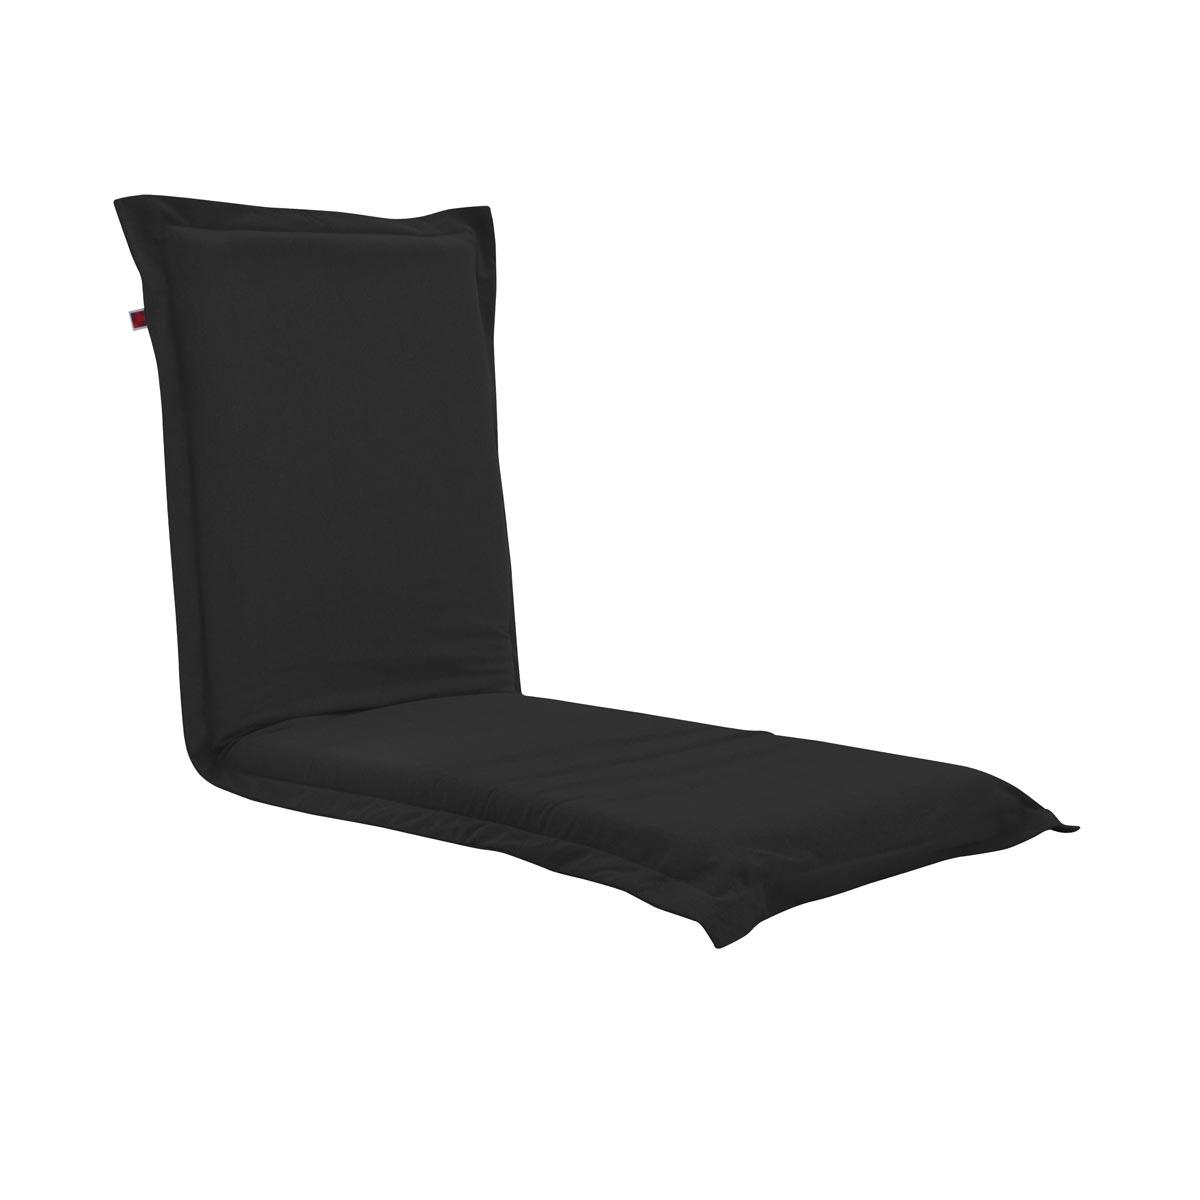 Pufe ClicClac Uno Lounge Tecido Ecolona Preto 02 03a